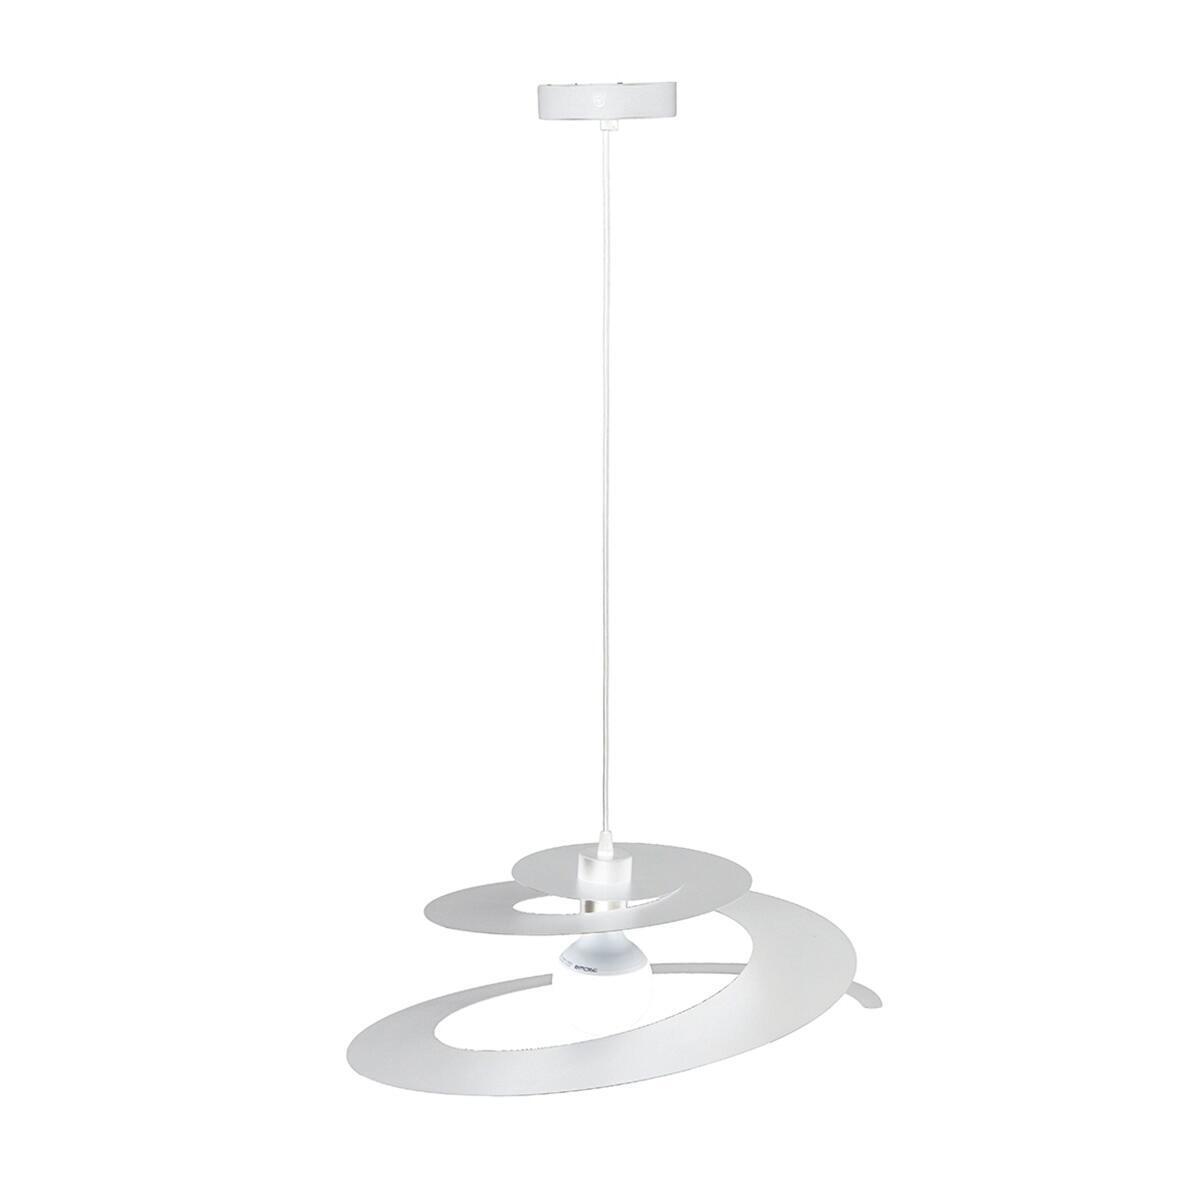 Lampadario Moderno Spirale bianco in metallo, L. 45 cm, NOVECENTO - 3